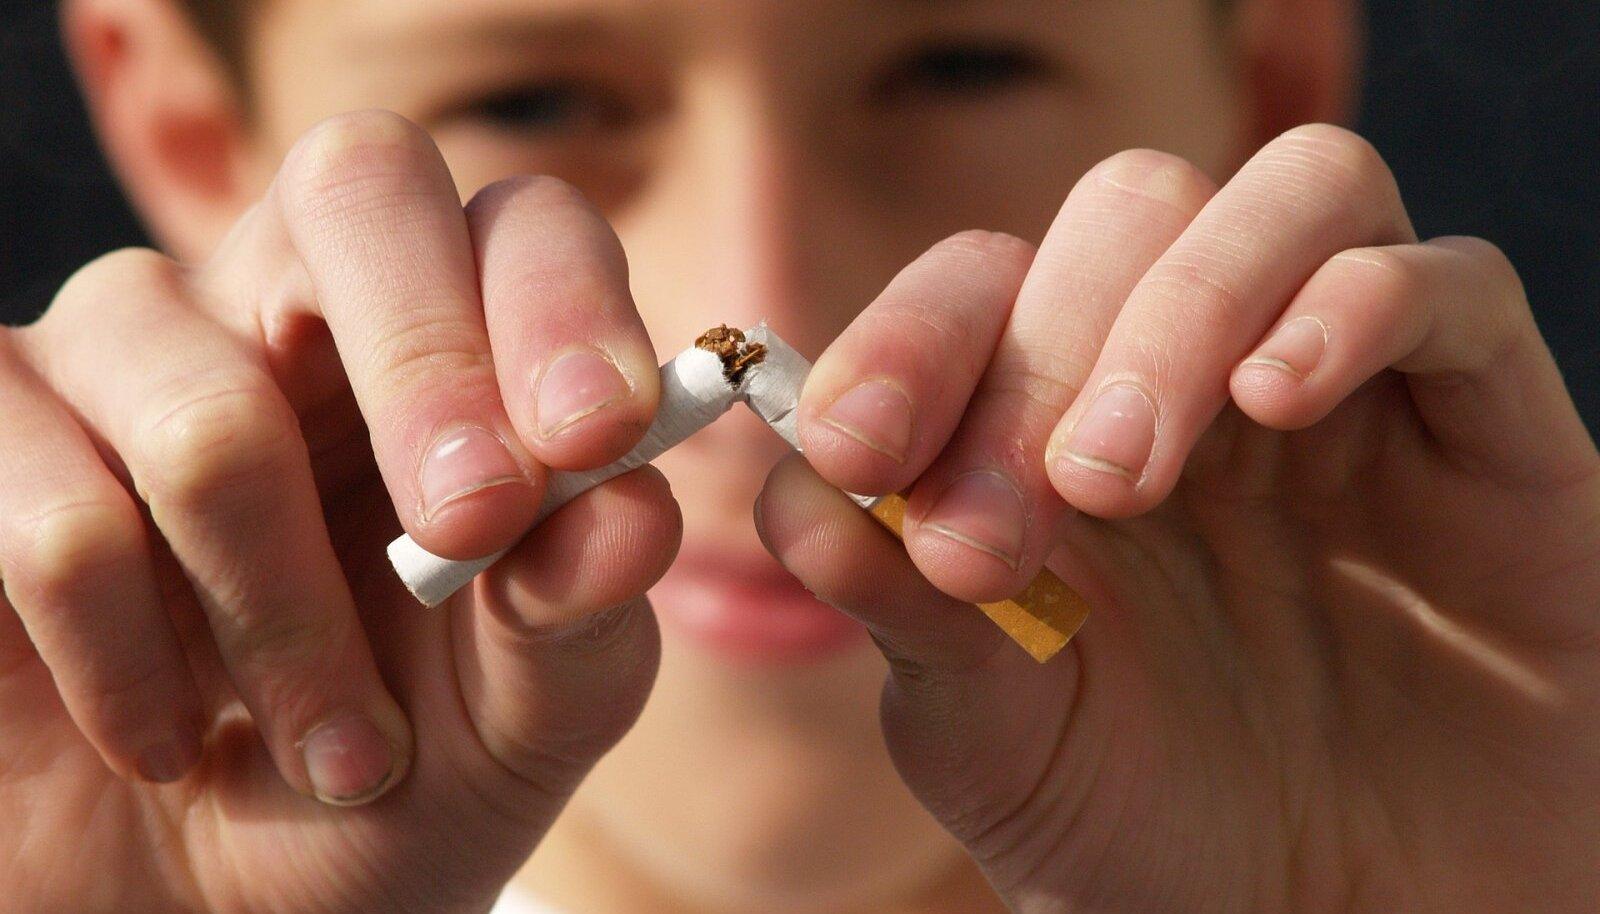 Современная табачная эпидемия основана на сигаретах фабричного производства – коммерчески успешном продукте, который за последние 75 лет почти не изменился.